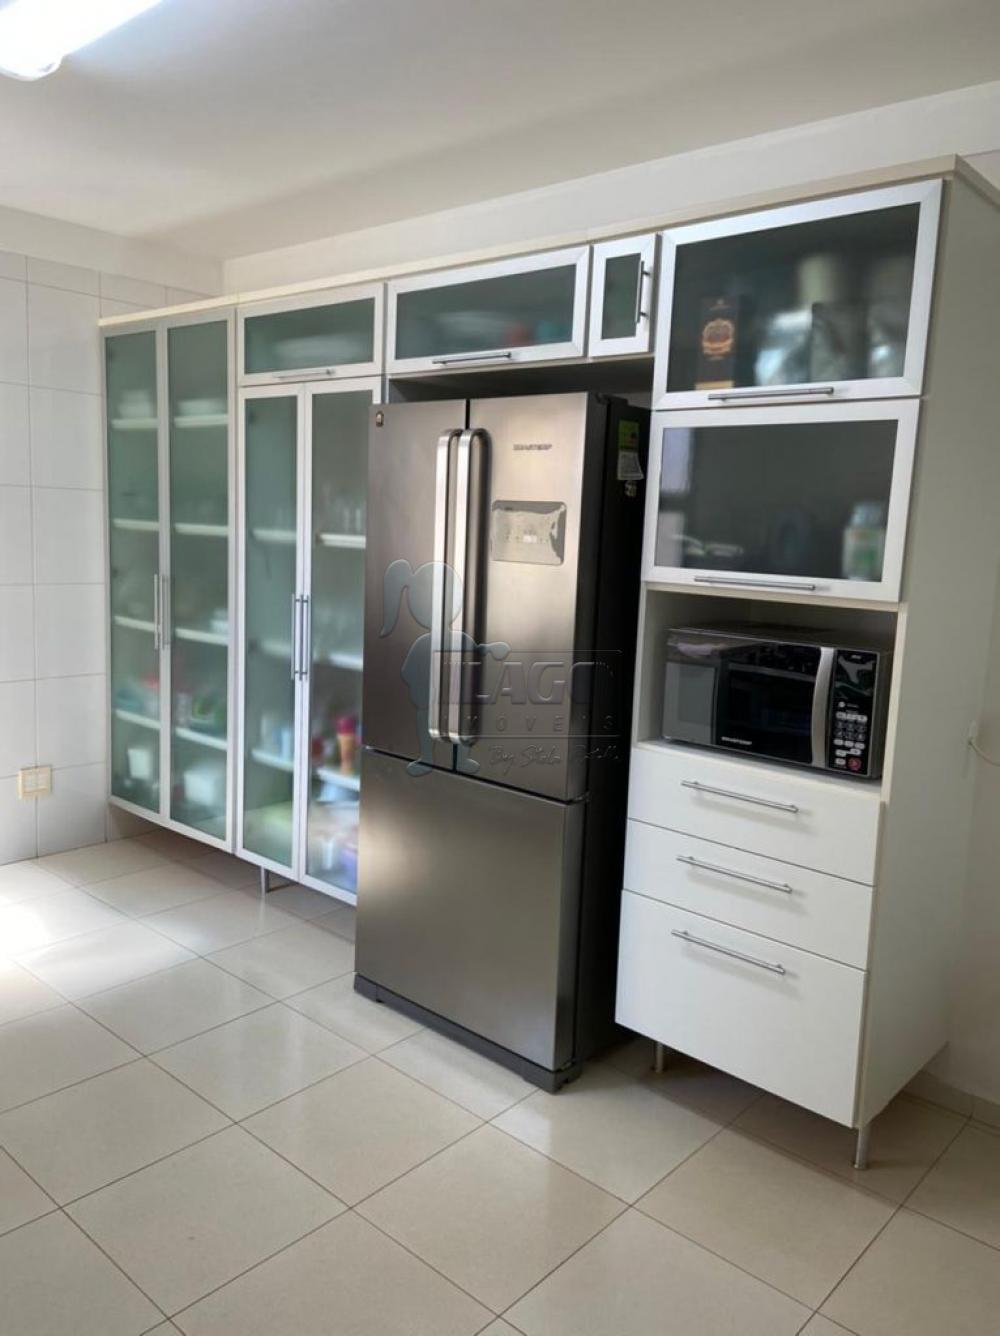 Comprar Apartamento / Padrão em Ribeirão Preto R$ 1.300.000,00 - Foto 22